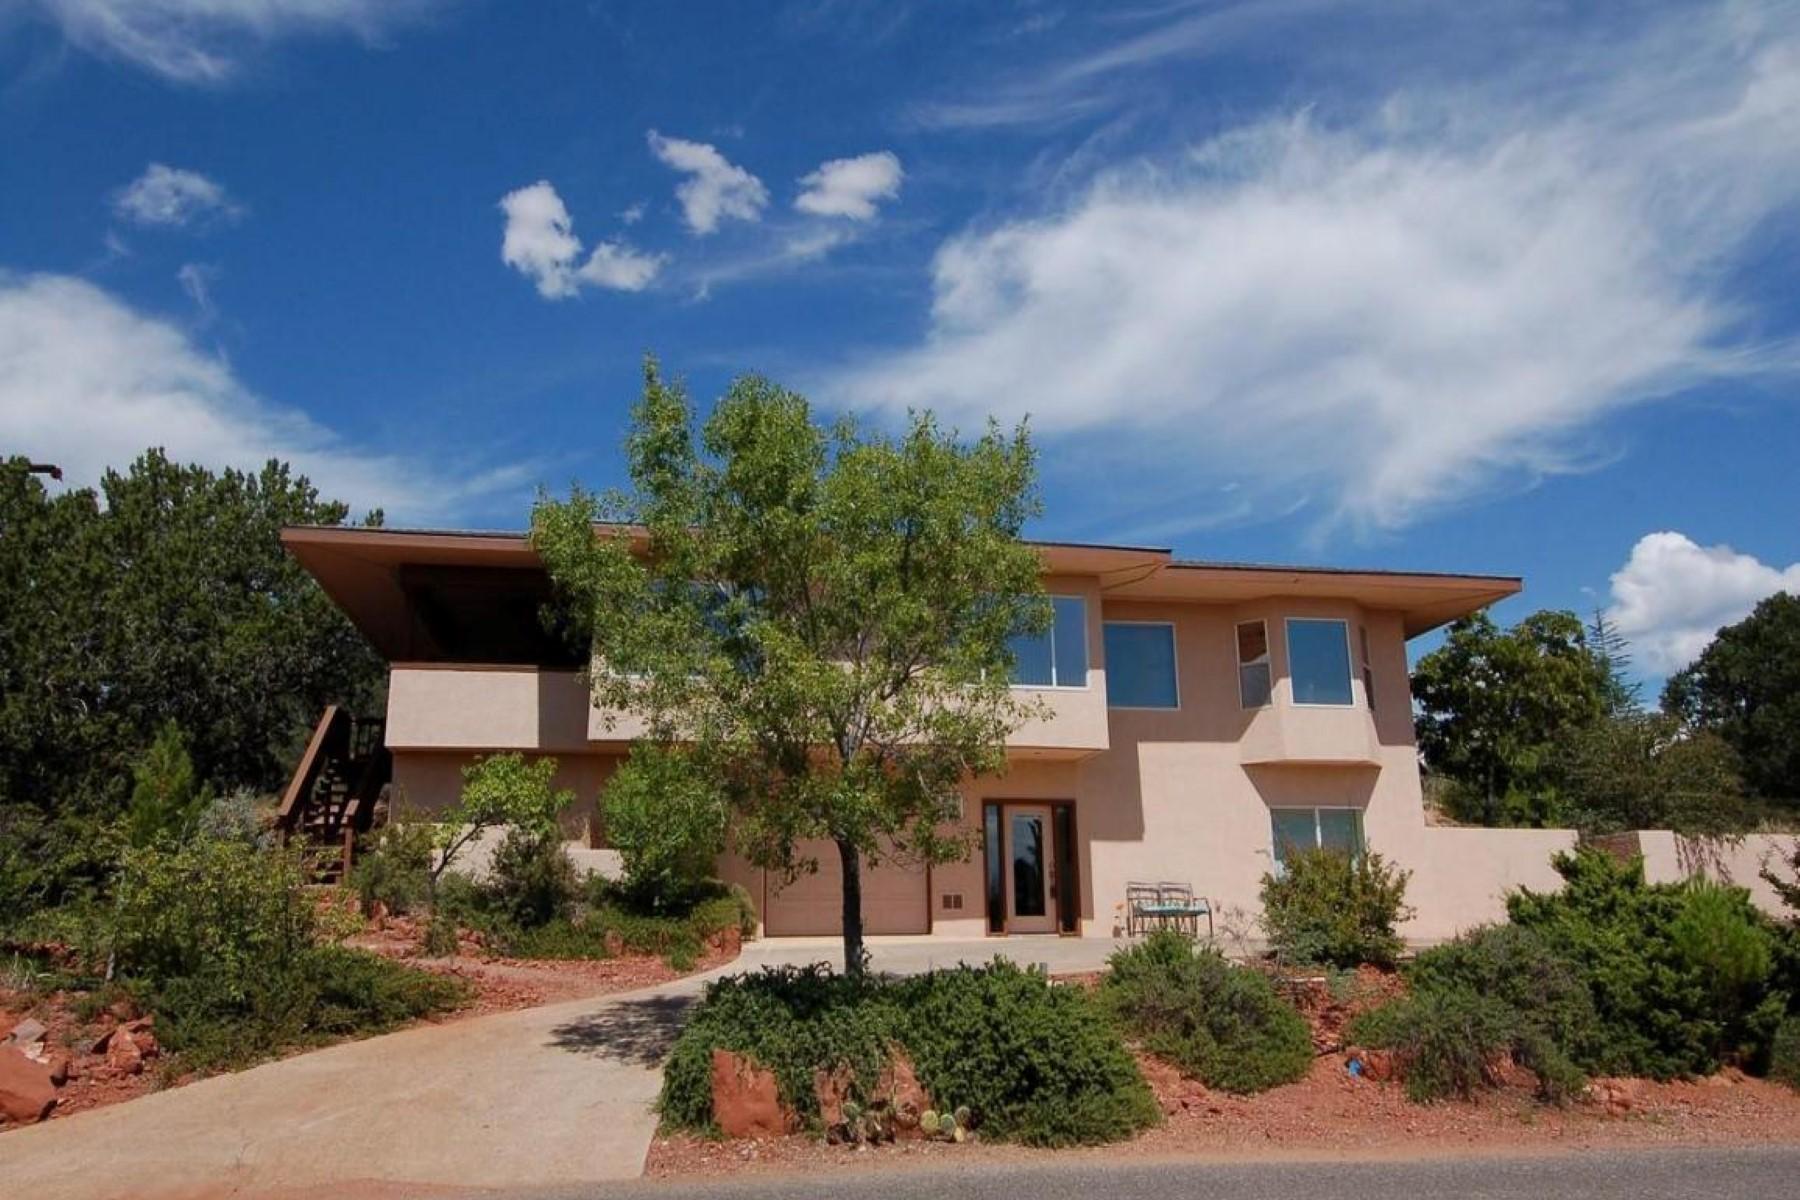 Tek Ailelik Ev için Satış at Transformed home centrally located in West Sedona 2000 Maxwell House Drive Sedona, Arizona 86336 Amerika Birleşik Devletleri